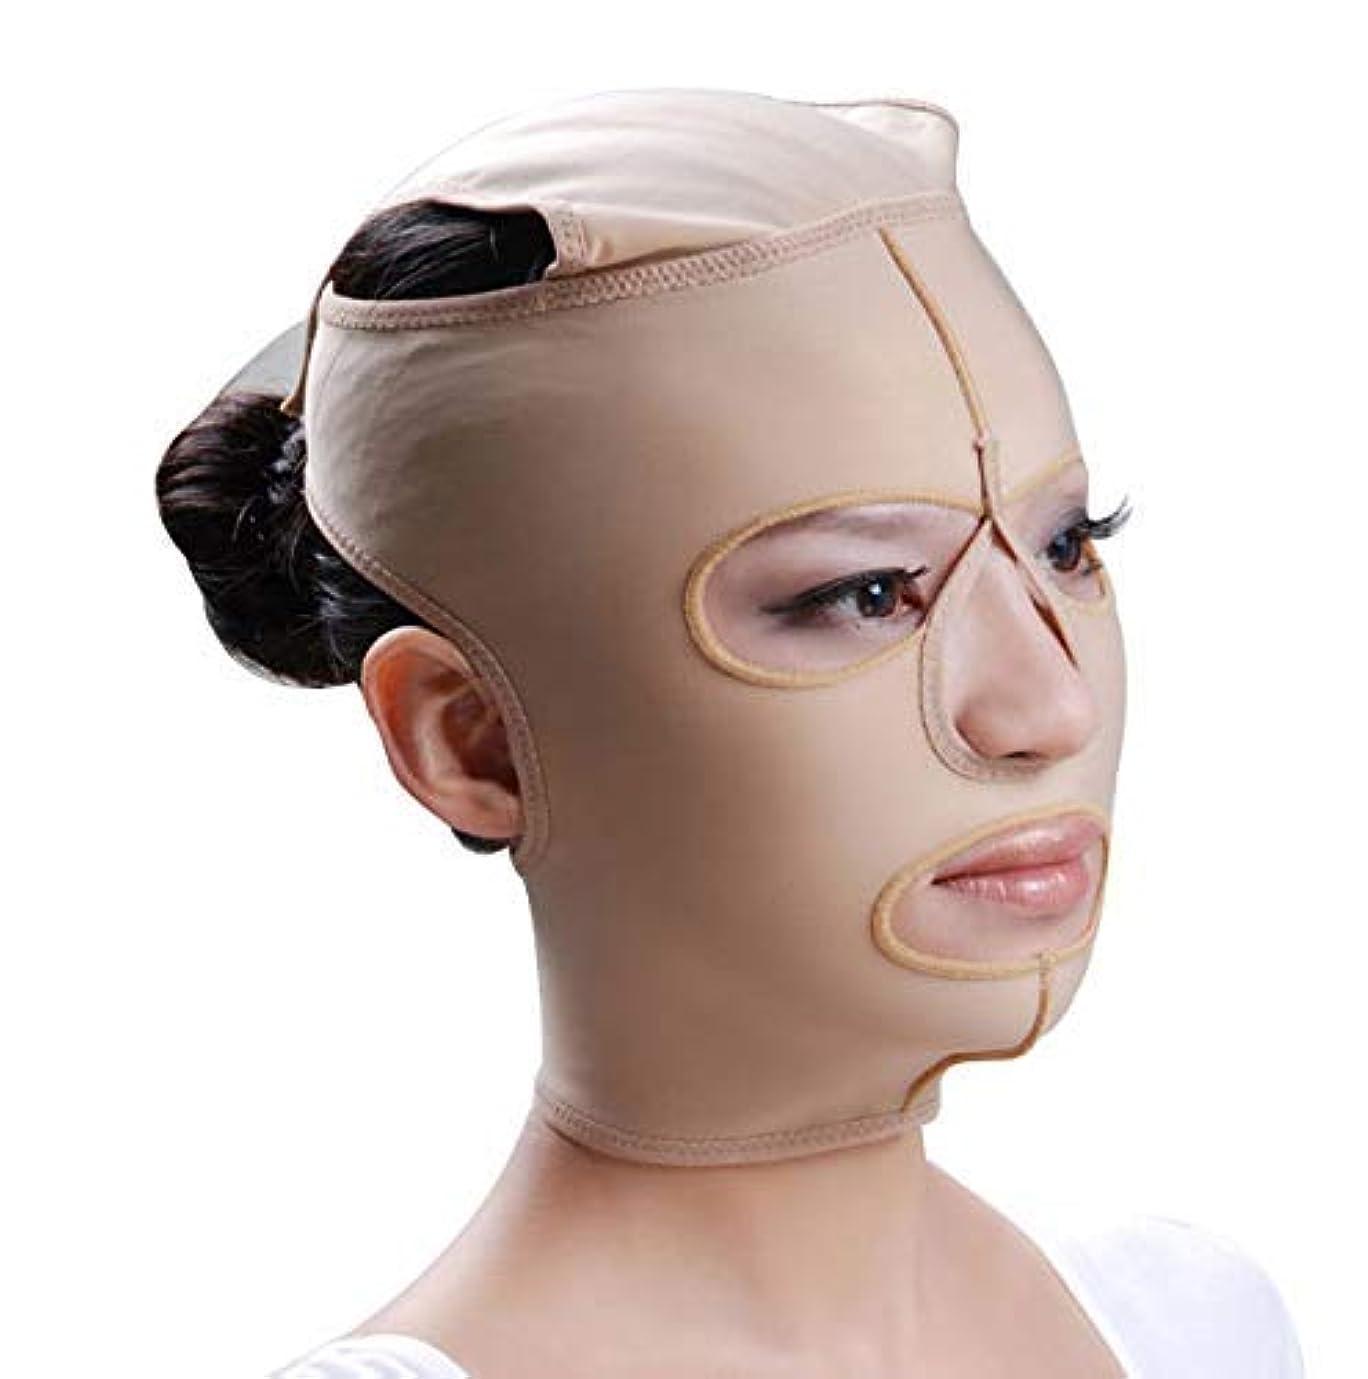 遷移船尾かすかなファーミングフェイスマスク、フェイシャルマスクエラスティックフェイスリフティングリフティングファーミングパターンマイクロフィニッシングポストモデリングコンプレッションフェイスマスク(サイズ:S),Xl